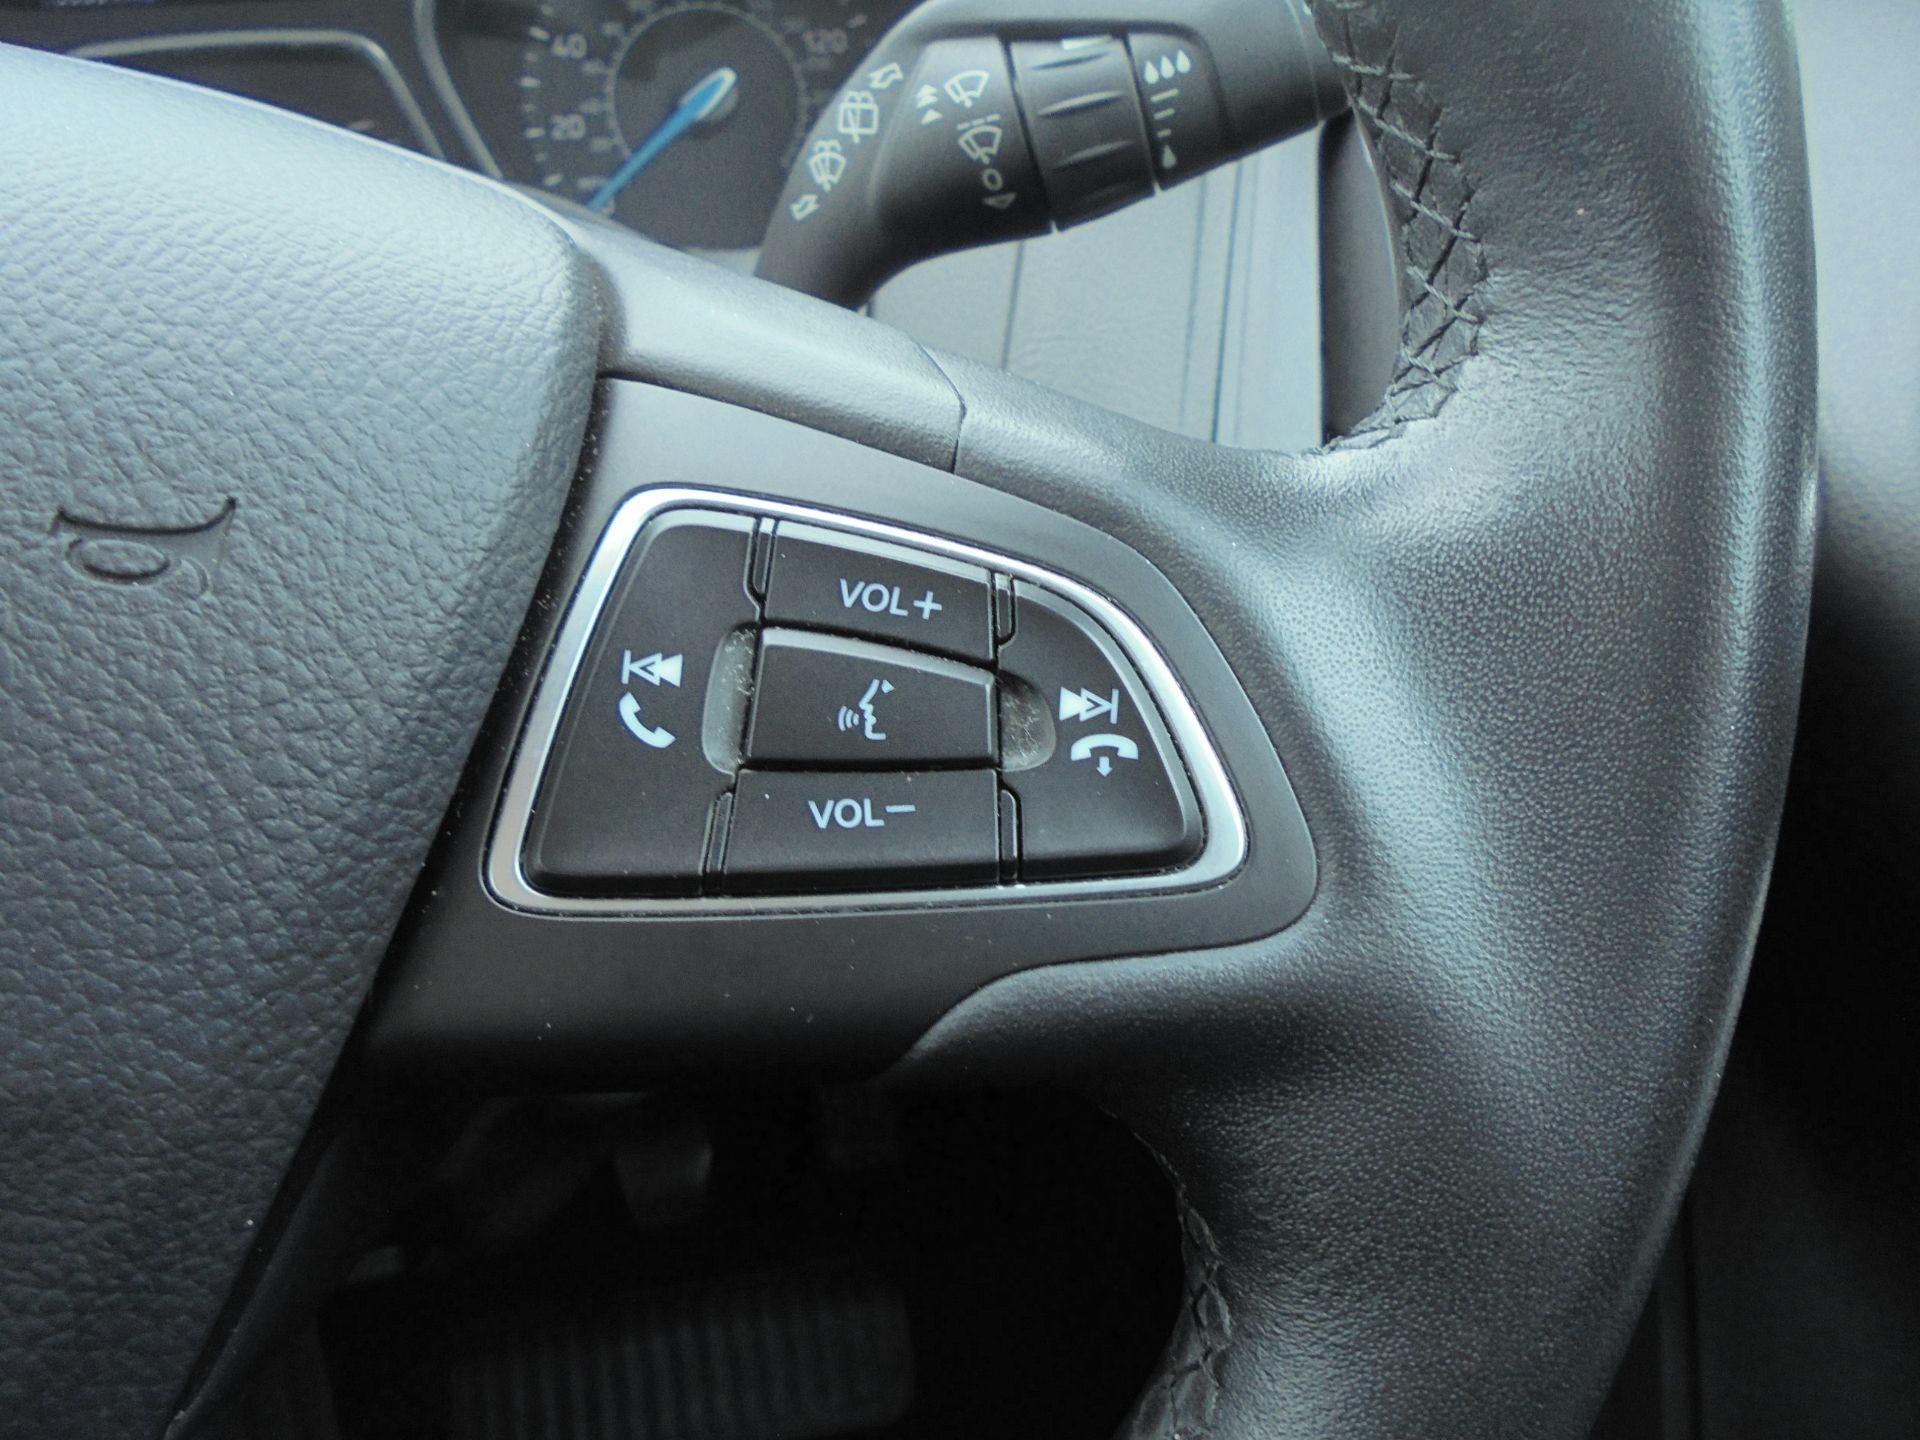 2017 Ford Focus 1.5 Tdci 120 Zetec Edition 5Dr (FM17VTX) Image 18